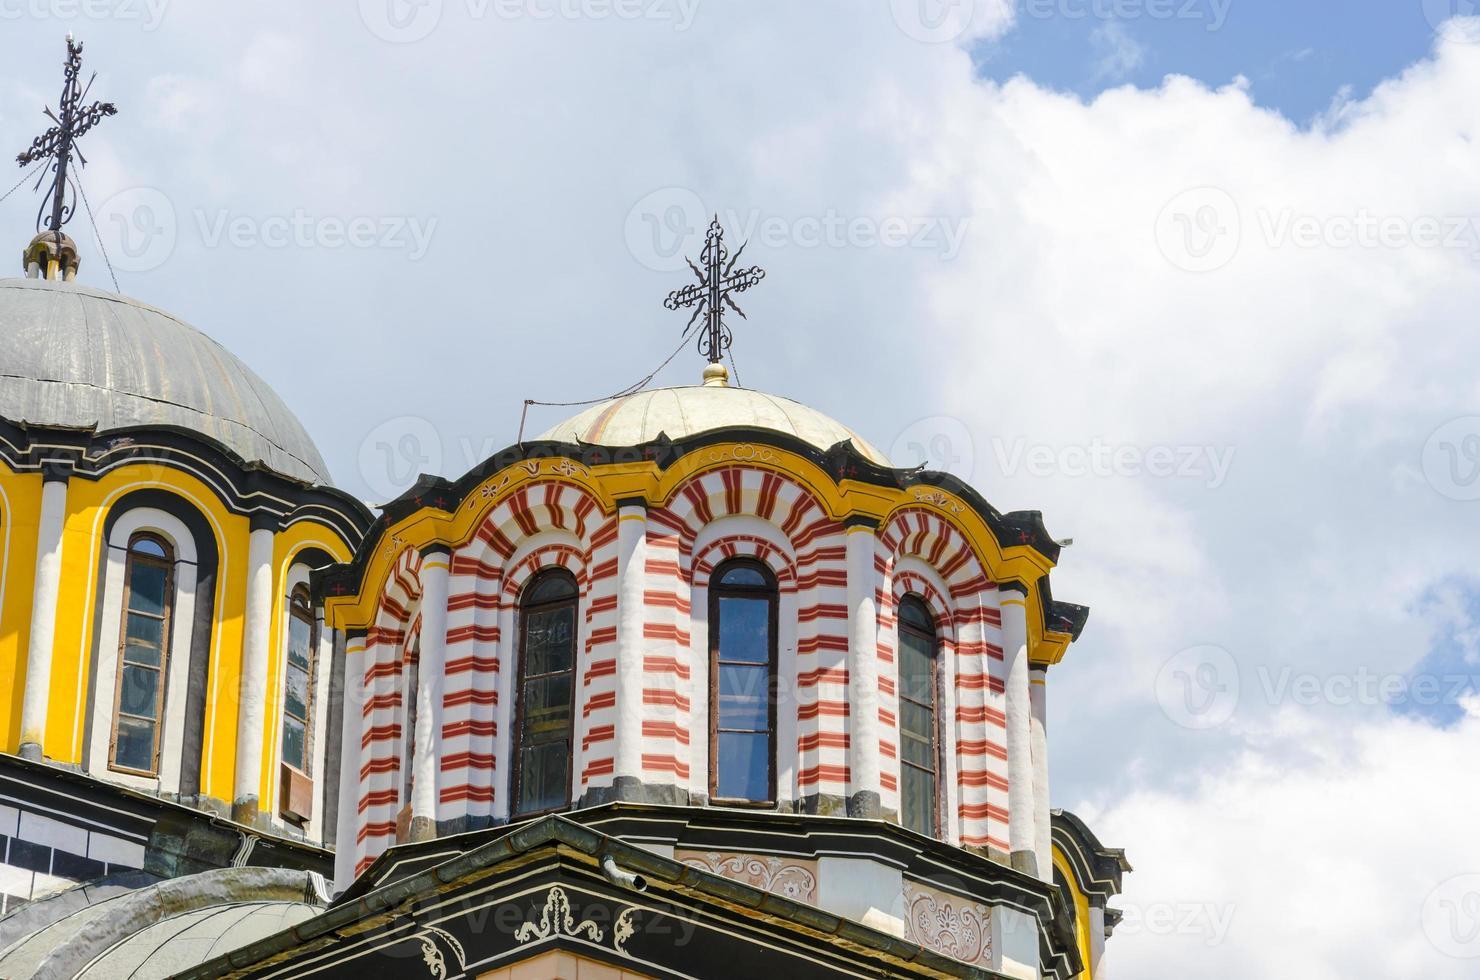 detaljer om kyrkakupolen i Rila, Bulgarien, unesco-webbplatsen foto